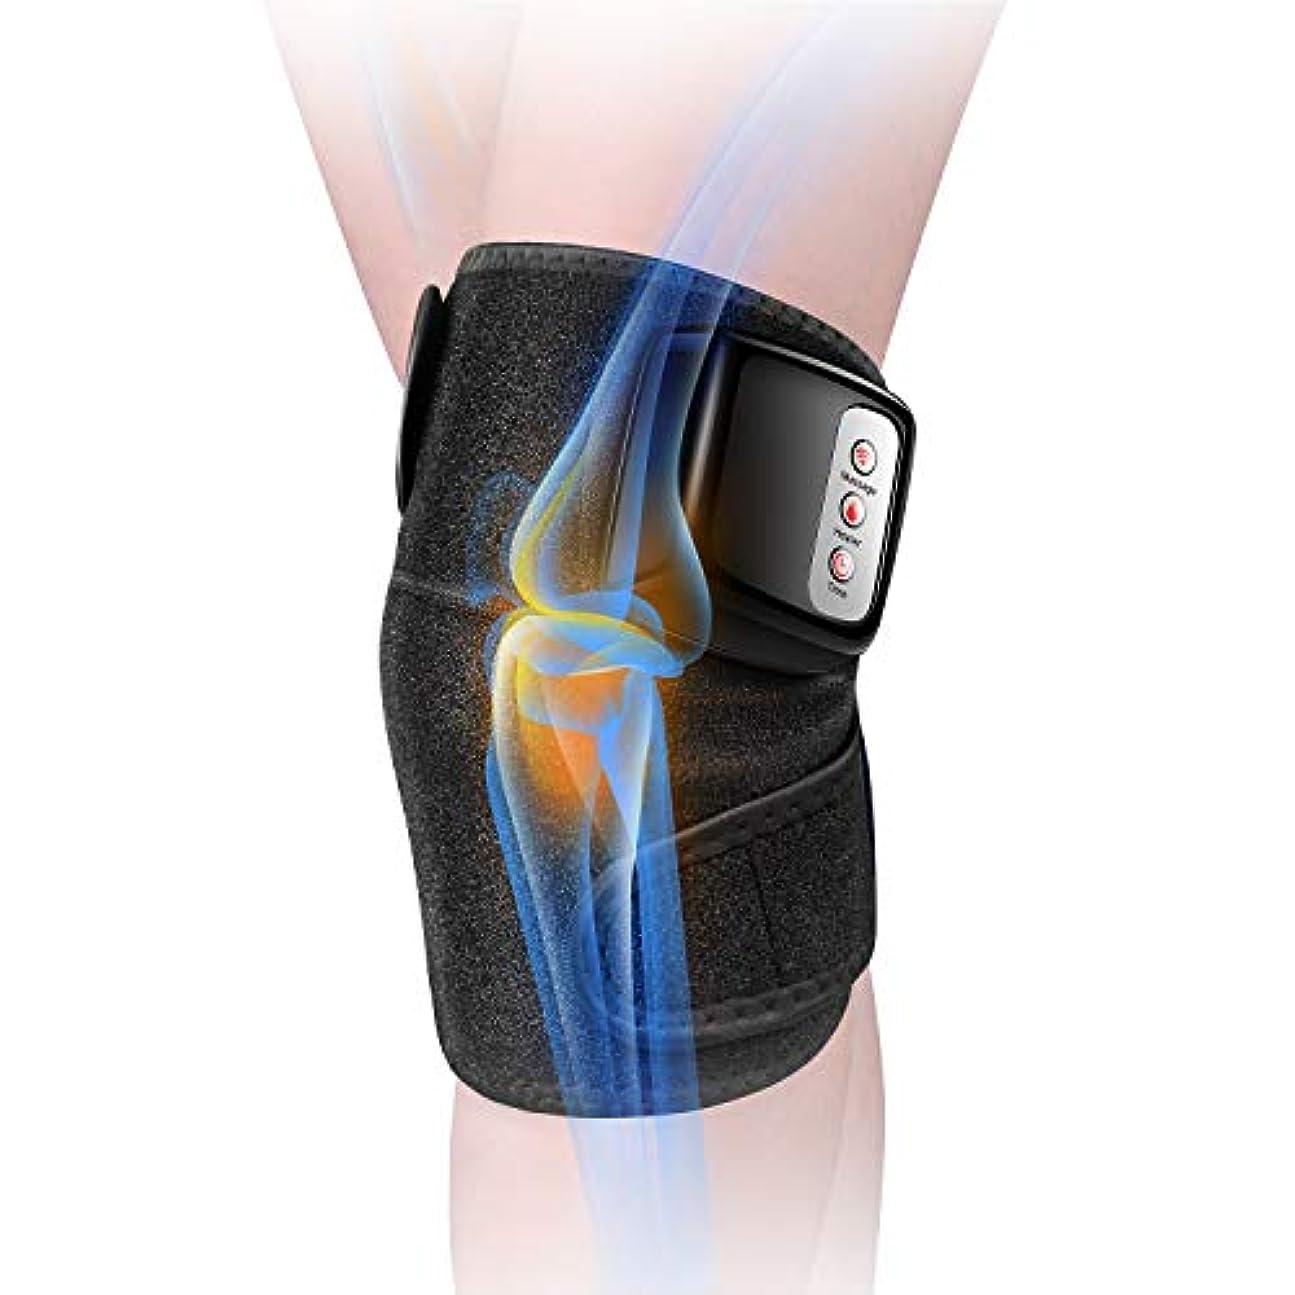 レジデンステロ私たちの膝マッサージャー 関節マッサージャー マッサージ器 フットマッサージャー 振動 赤外線療法 温熱療法 膝サポーター ストレス解消 肩 太もも/腕対応